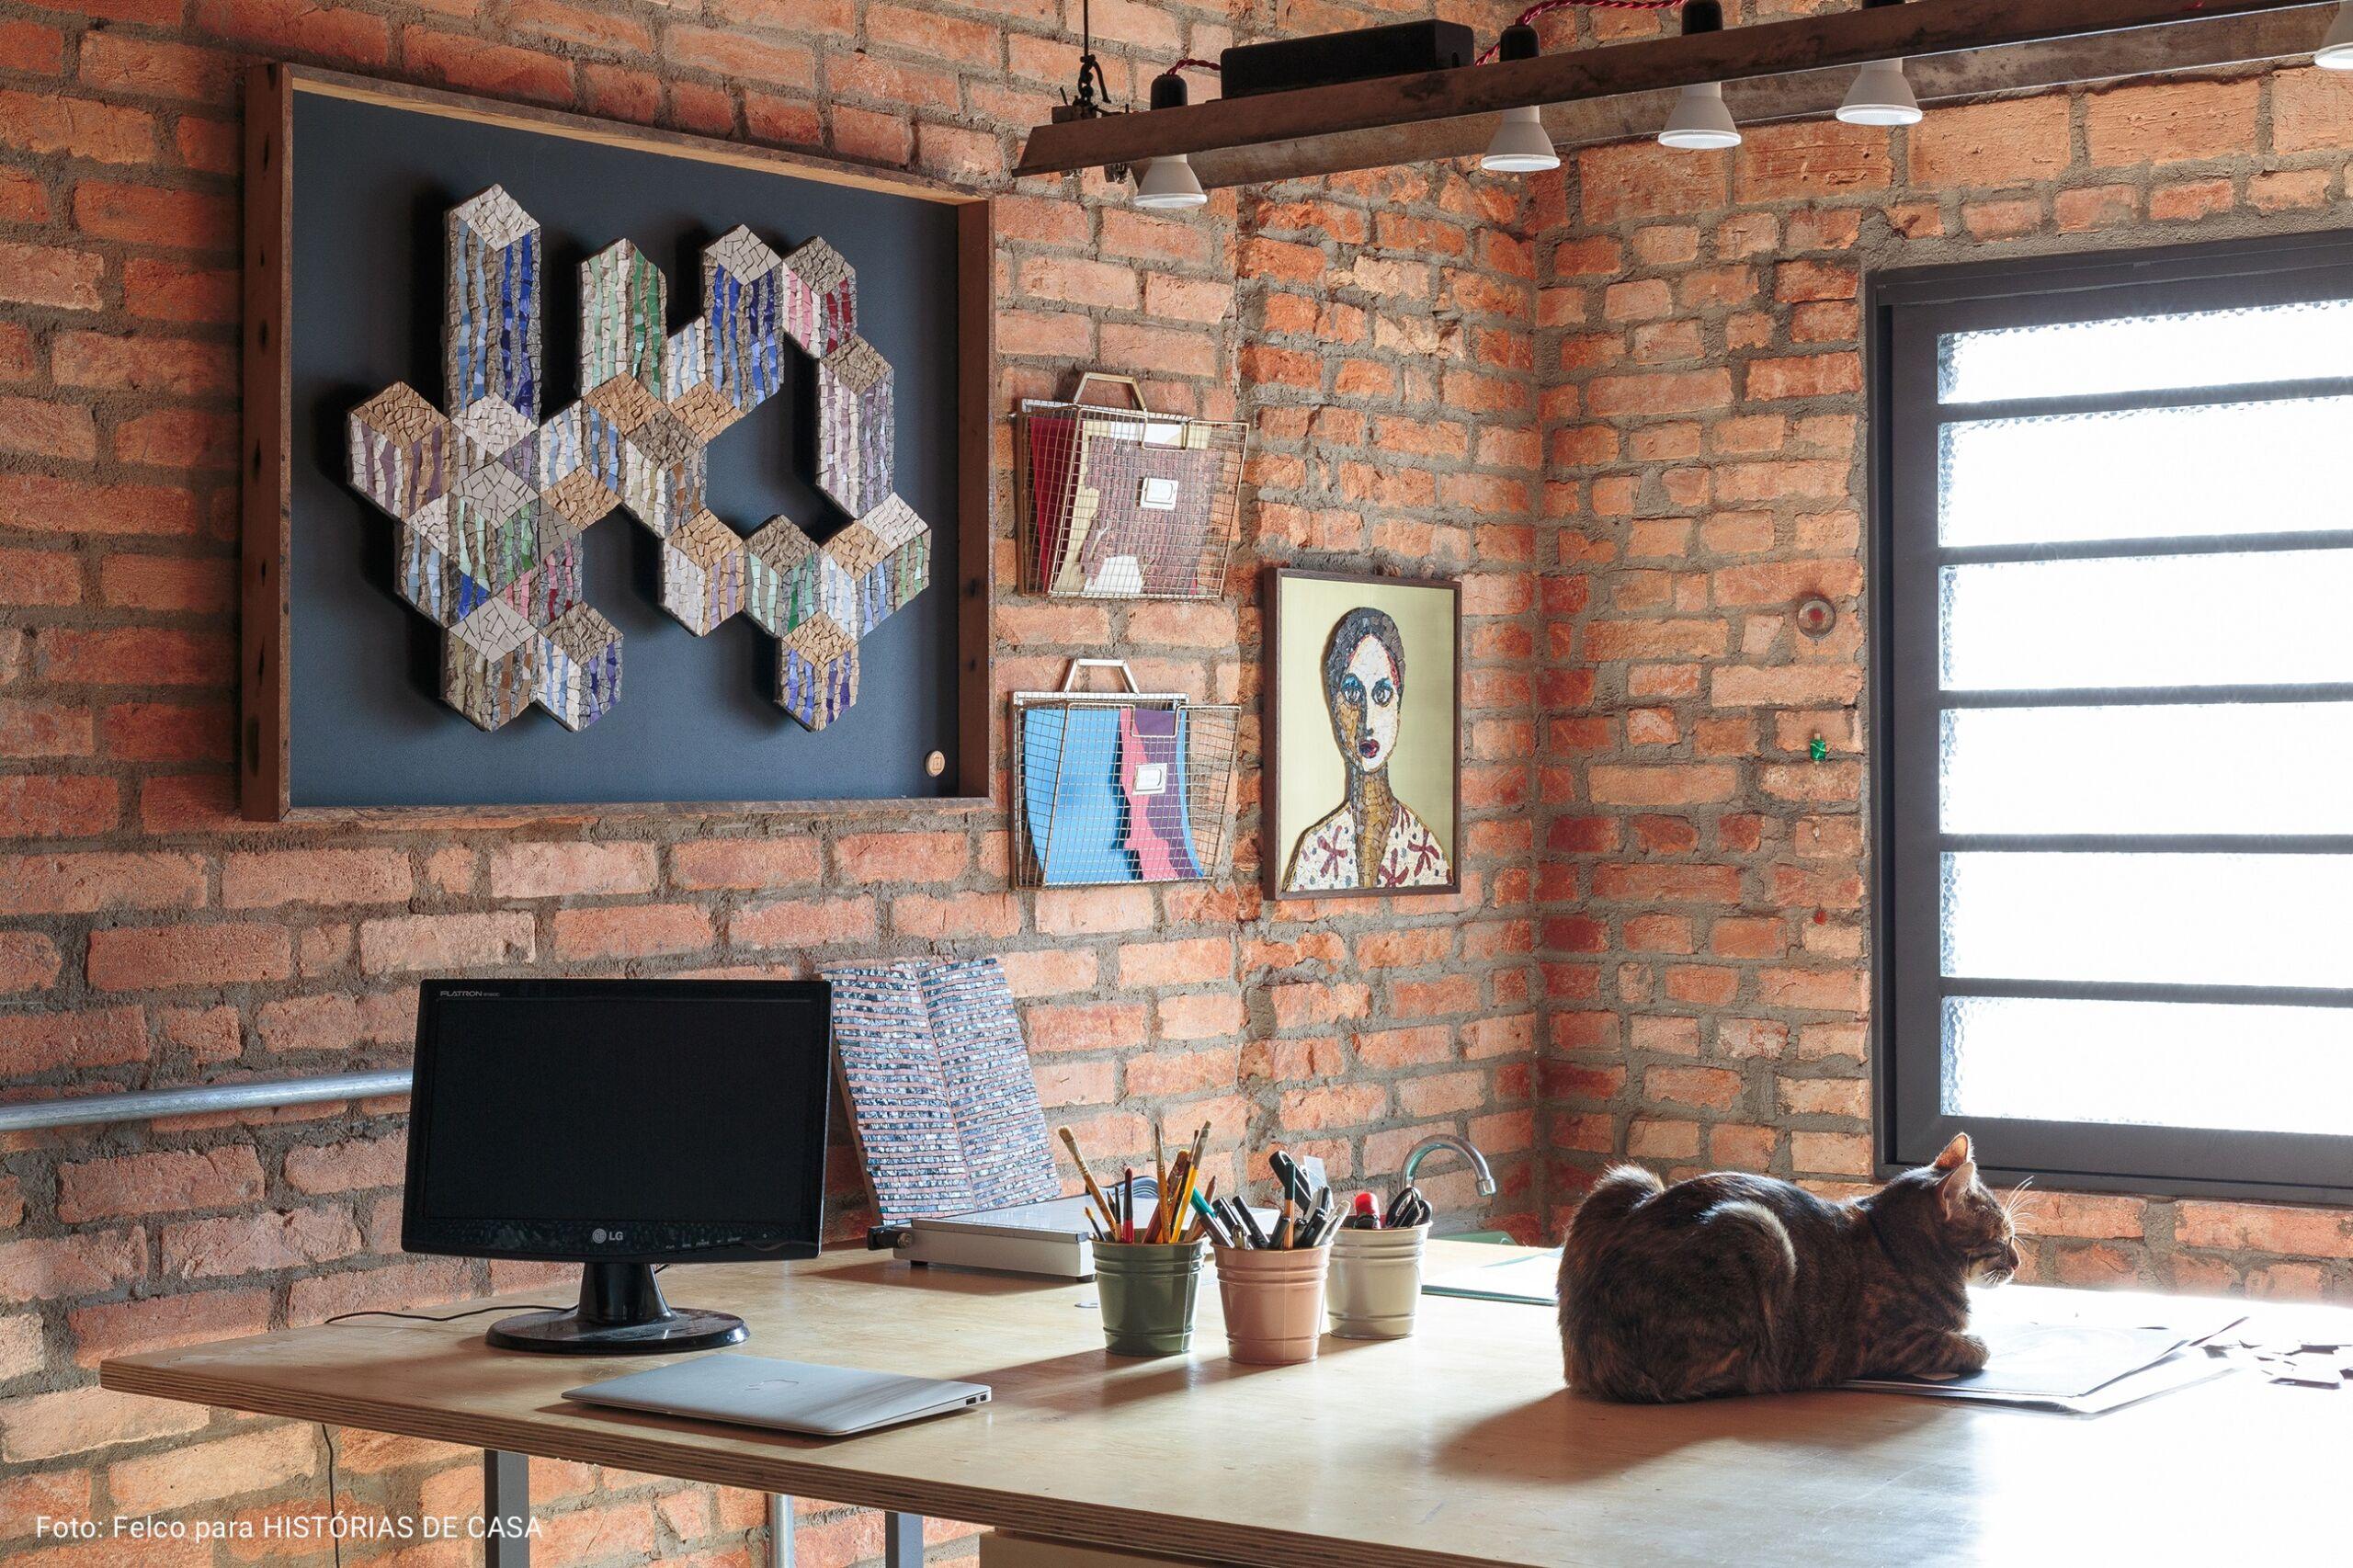 escritorio com quadro texturizado